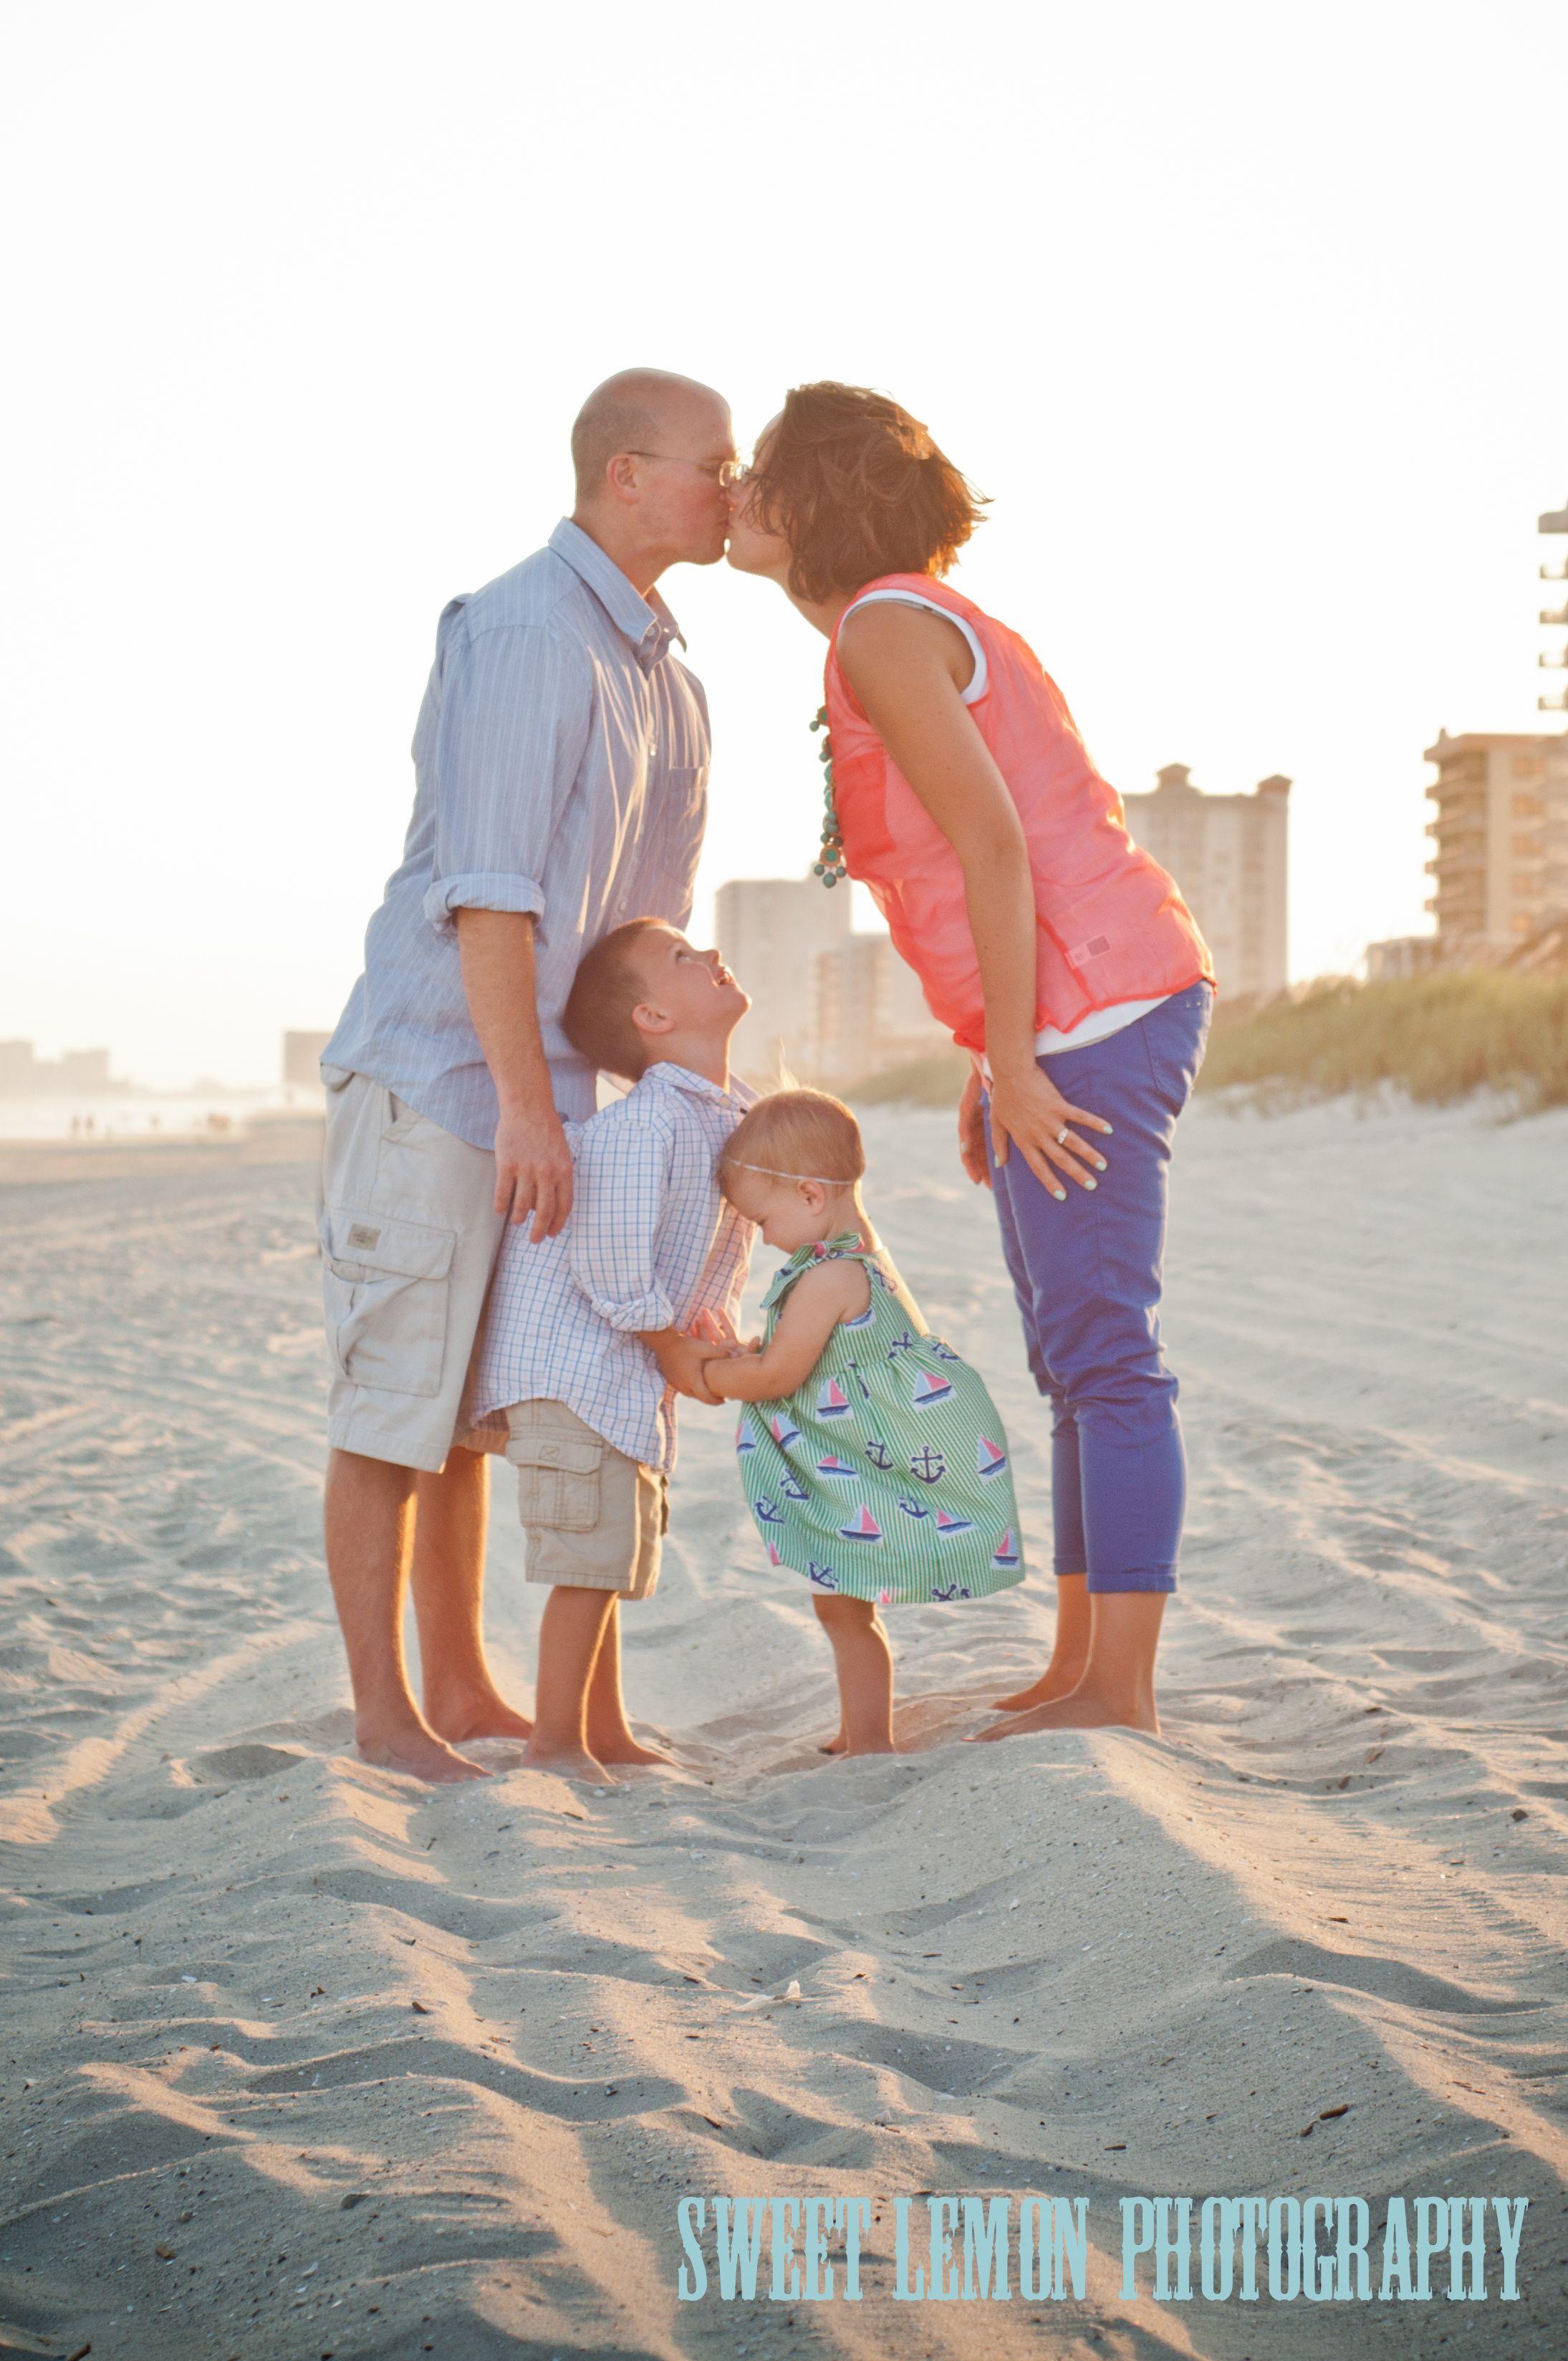 Adorable Beach Family Photo Myrtle Beach Photographer Cutefamily Myrtlebeach Photograp Beach Family Photos Family Beach Pictures Myrtle Beach Photographers